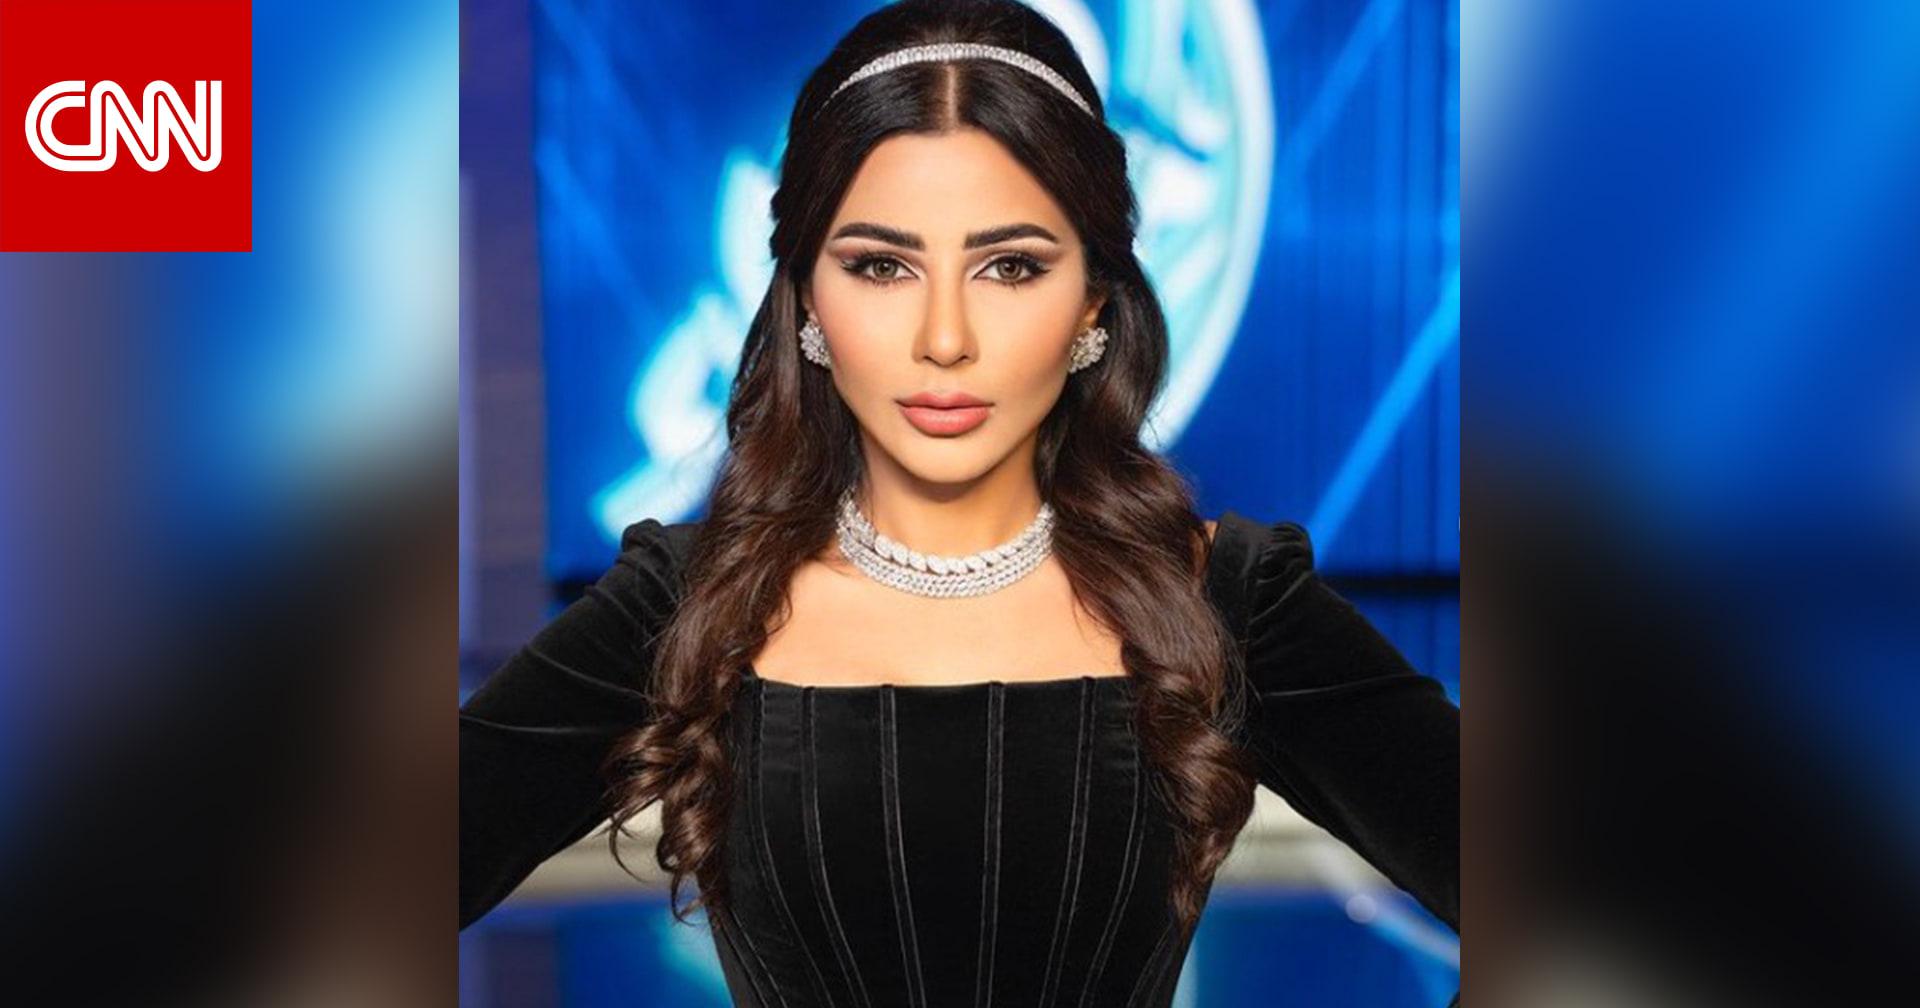 بعد جدل حول صورتها مع محمد رمضان.. مهيرة عبدالعزيز ترد